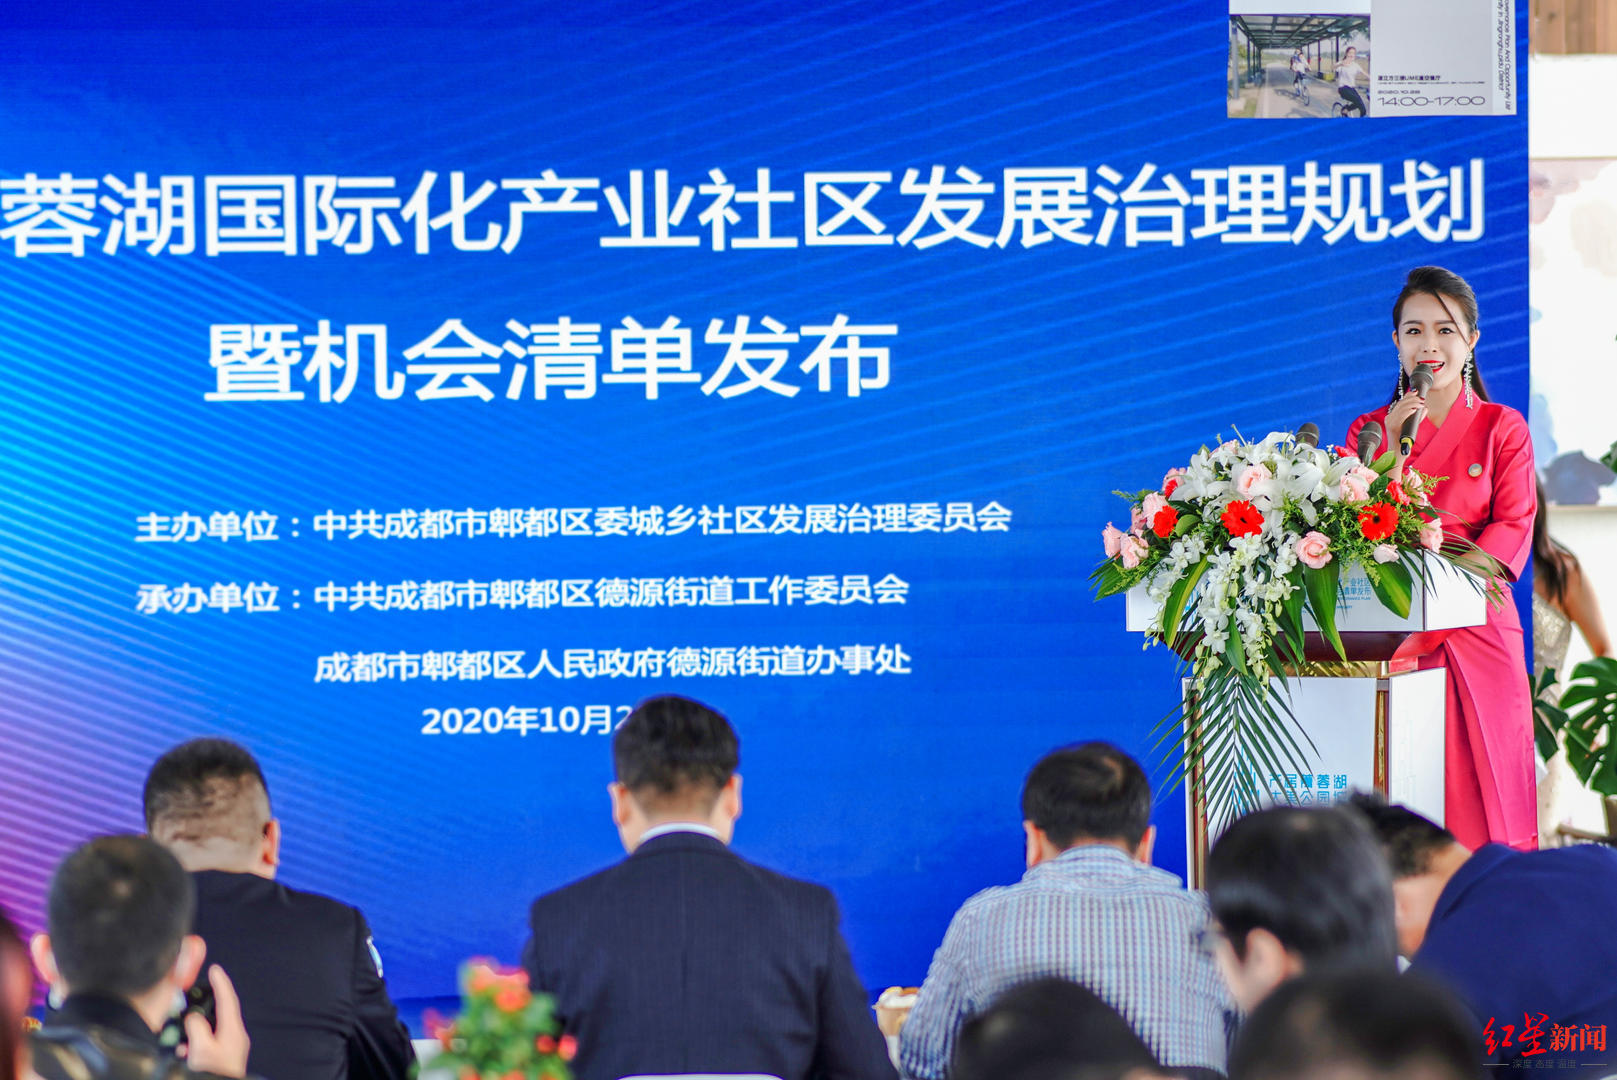 """冯家妹""""代言""""成都郫都区发商业机会清单 邀你共建菁蓉湖产业社区"""